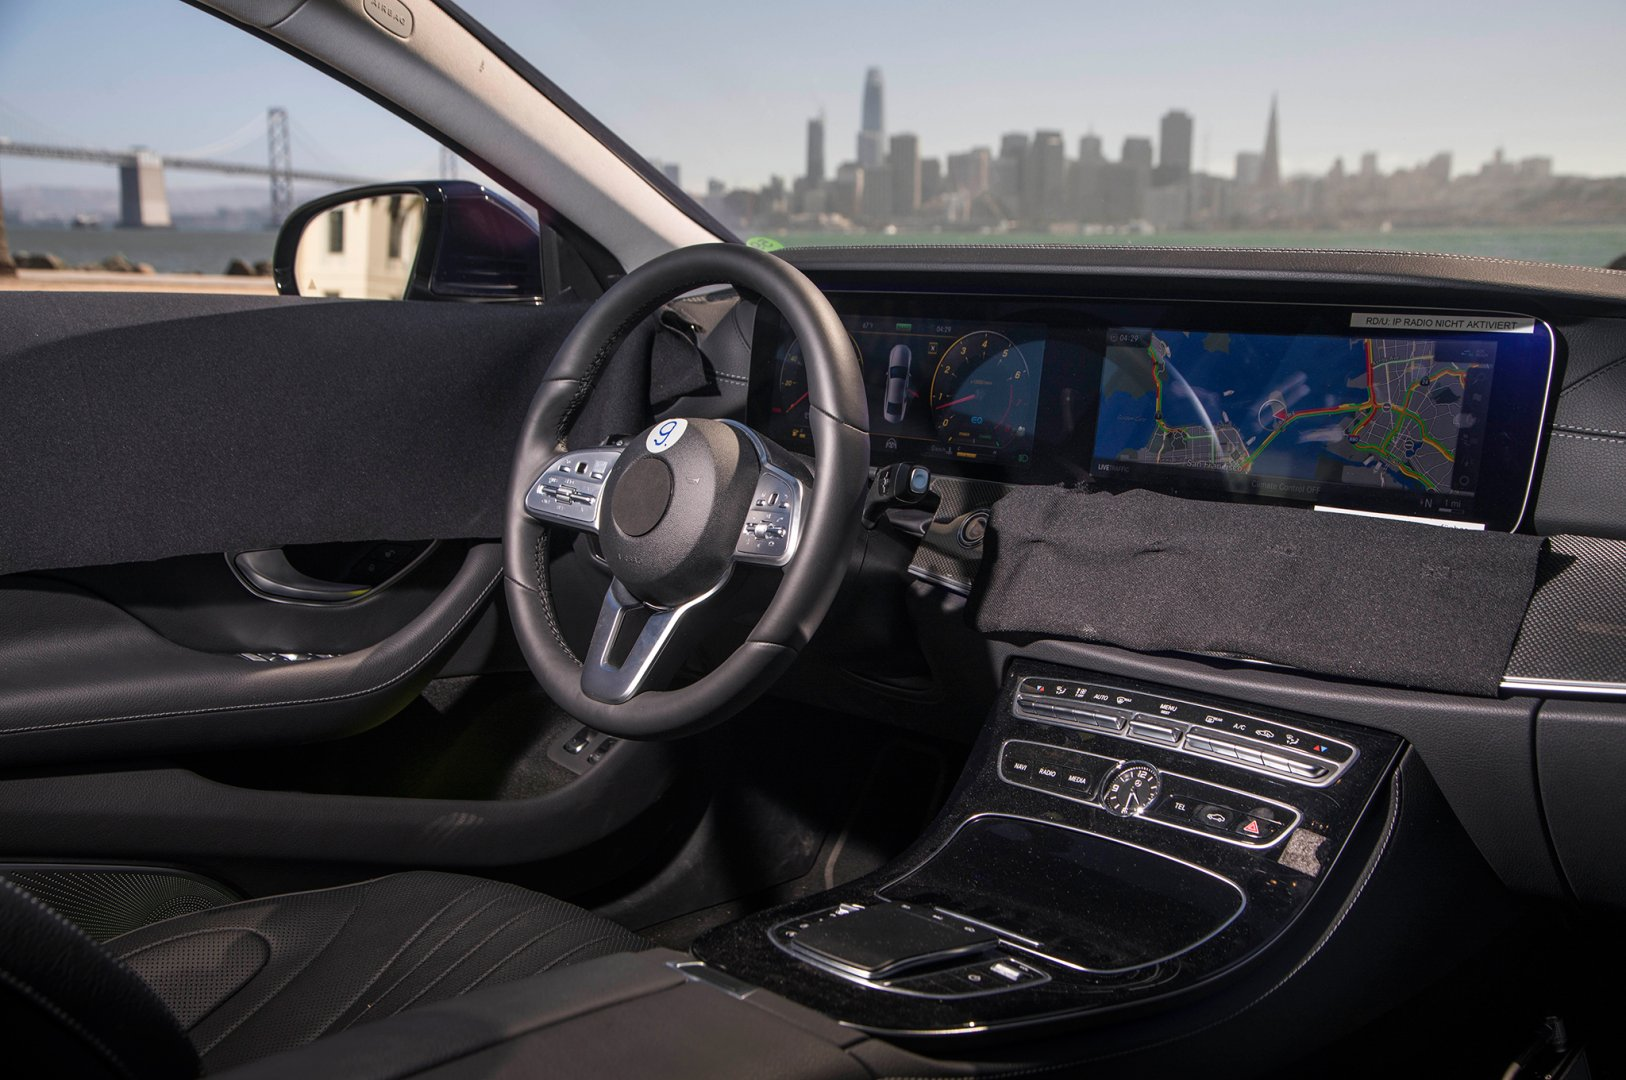 2019-Mercedes-Benz-CLS-Prototype-dashboard.jpg